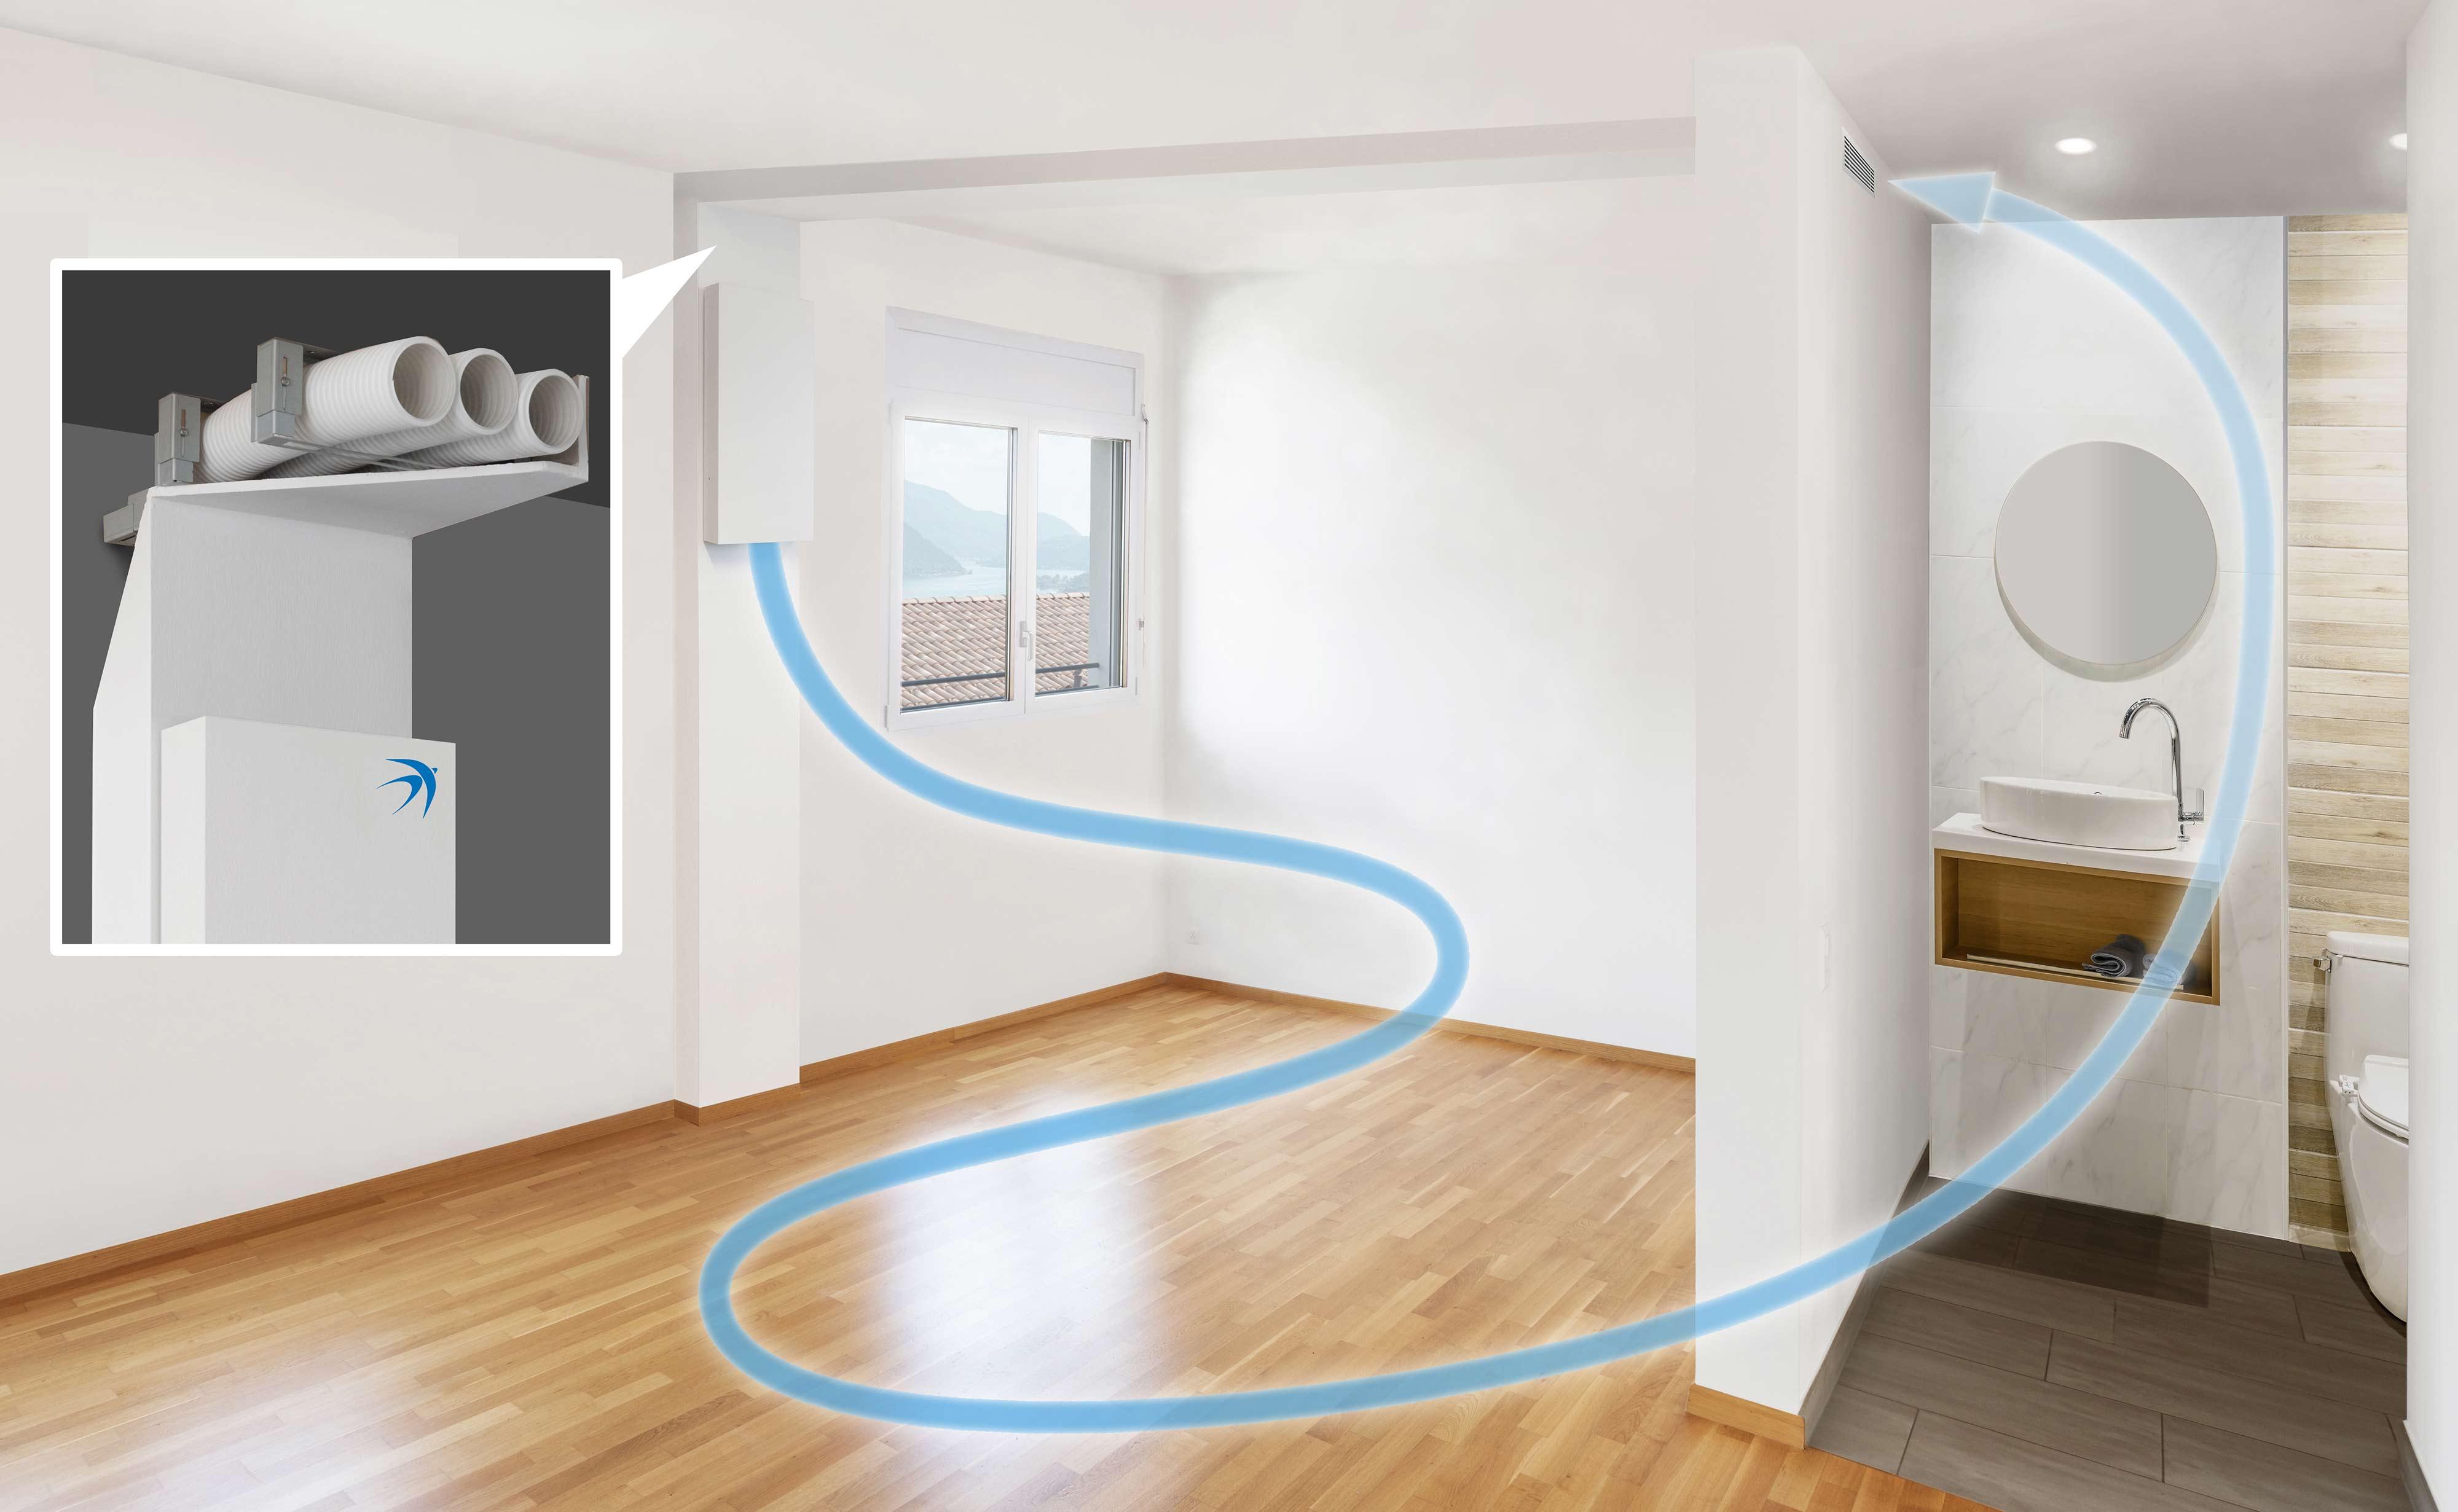 bluMartins freeAir Wohnraumlüftung mit praktischer Badentlüftung